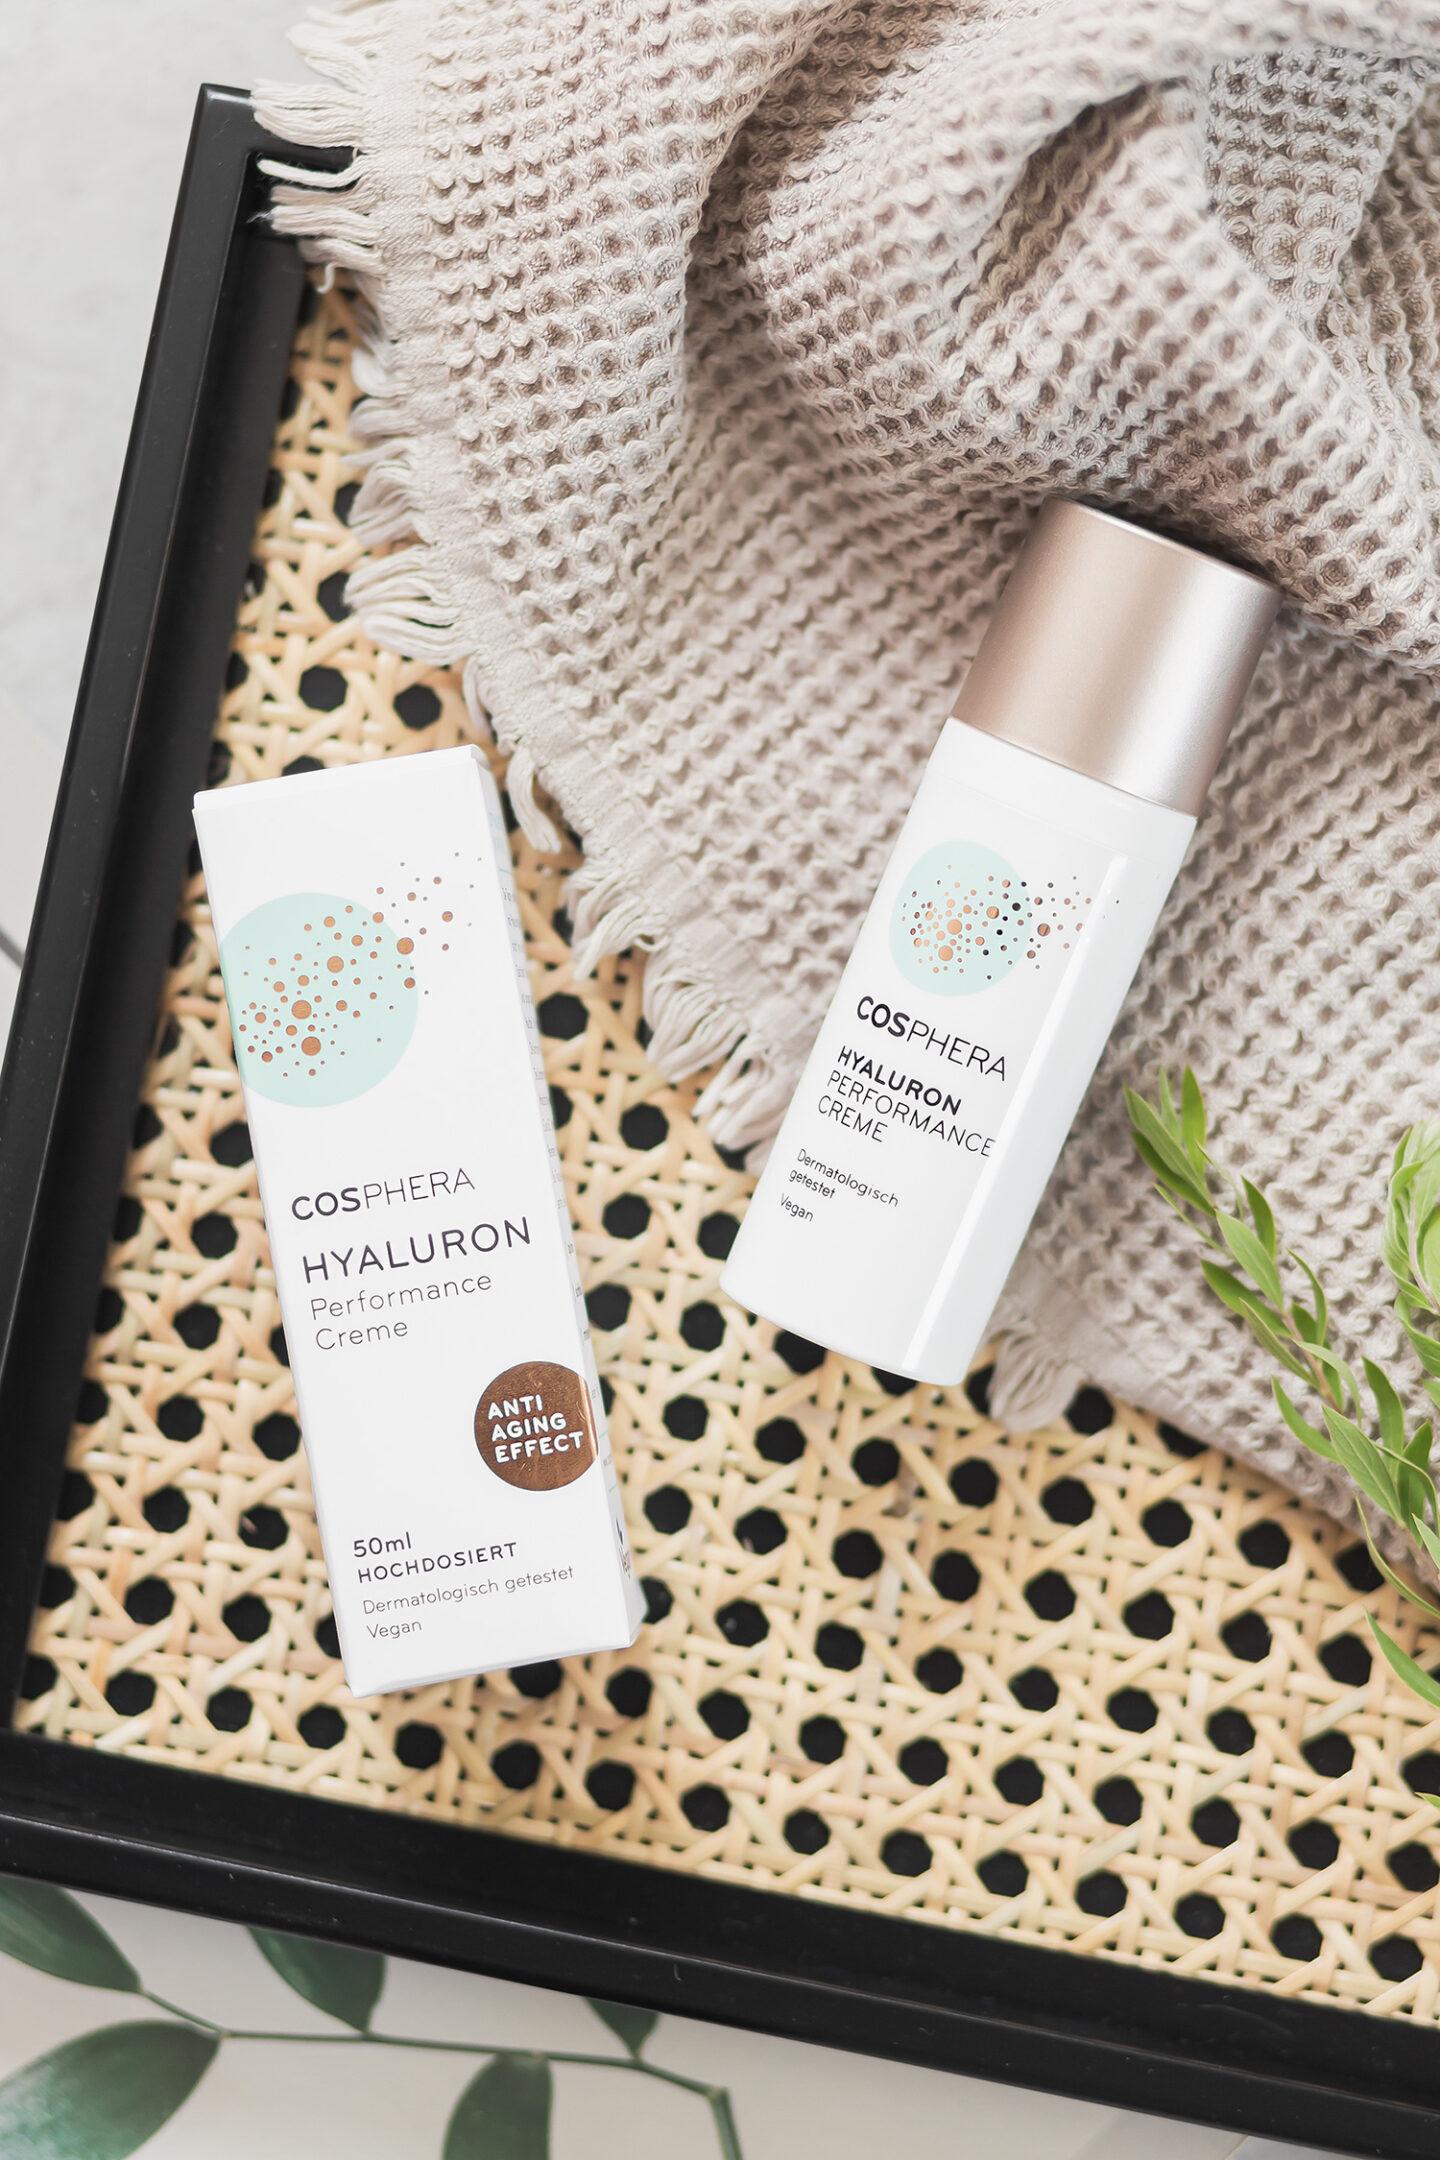 Cosphera Hautpflege im Test, Hylauron Performance Creme, vegan und natürliche Hautpflege, Hautpflege im Sommer, Cosphera Erfahrungen, Bezaubernde Nana